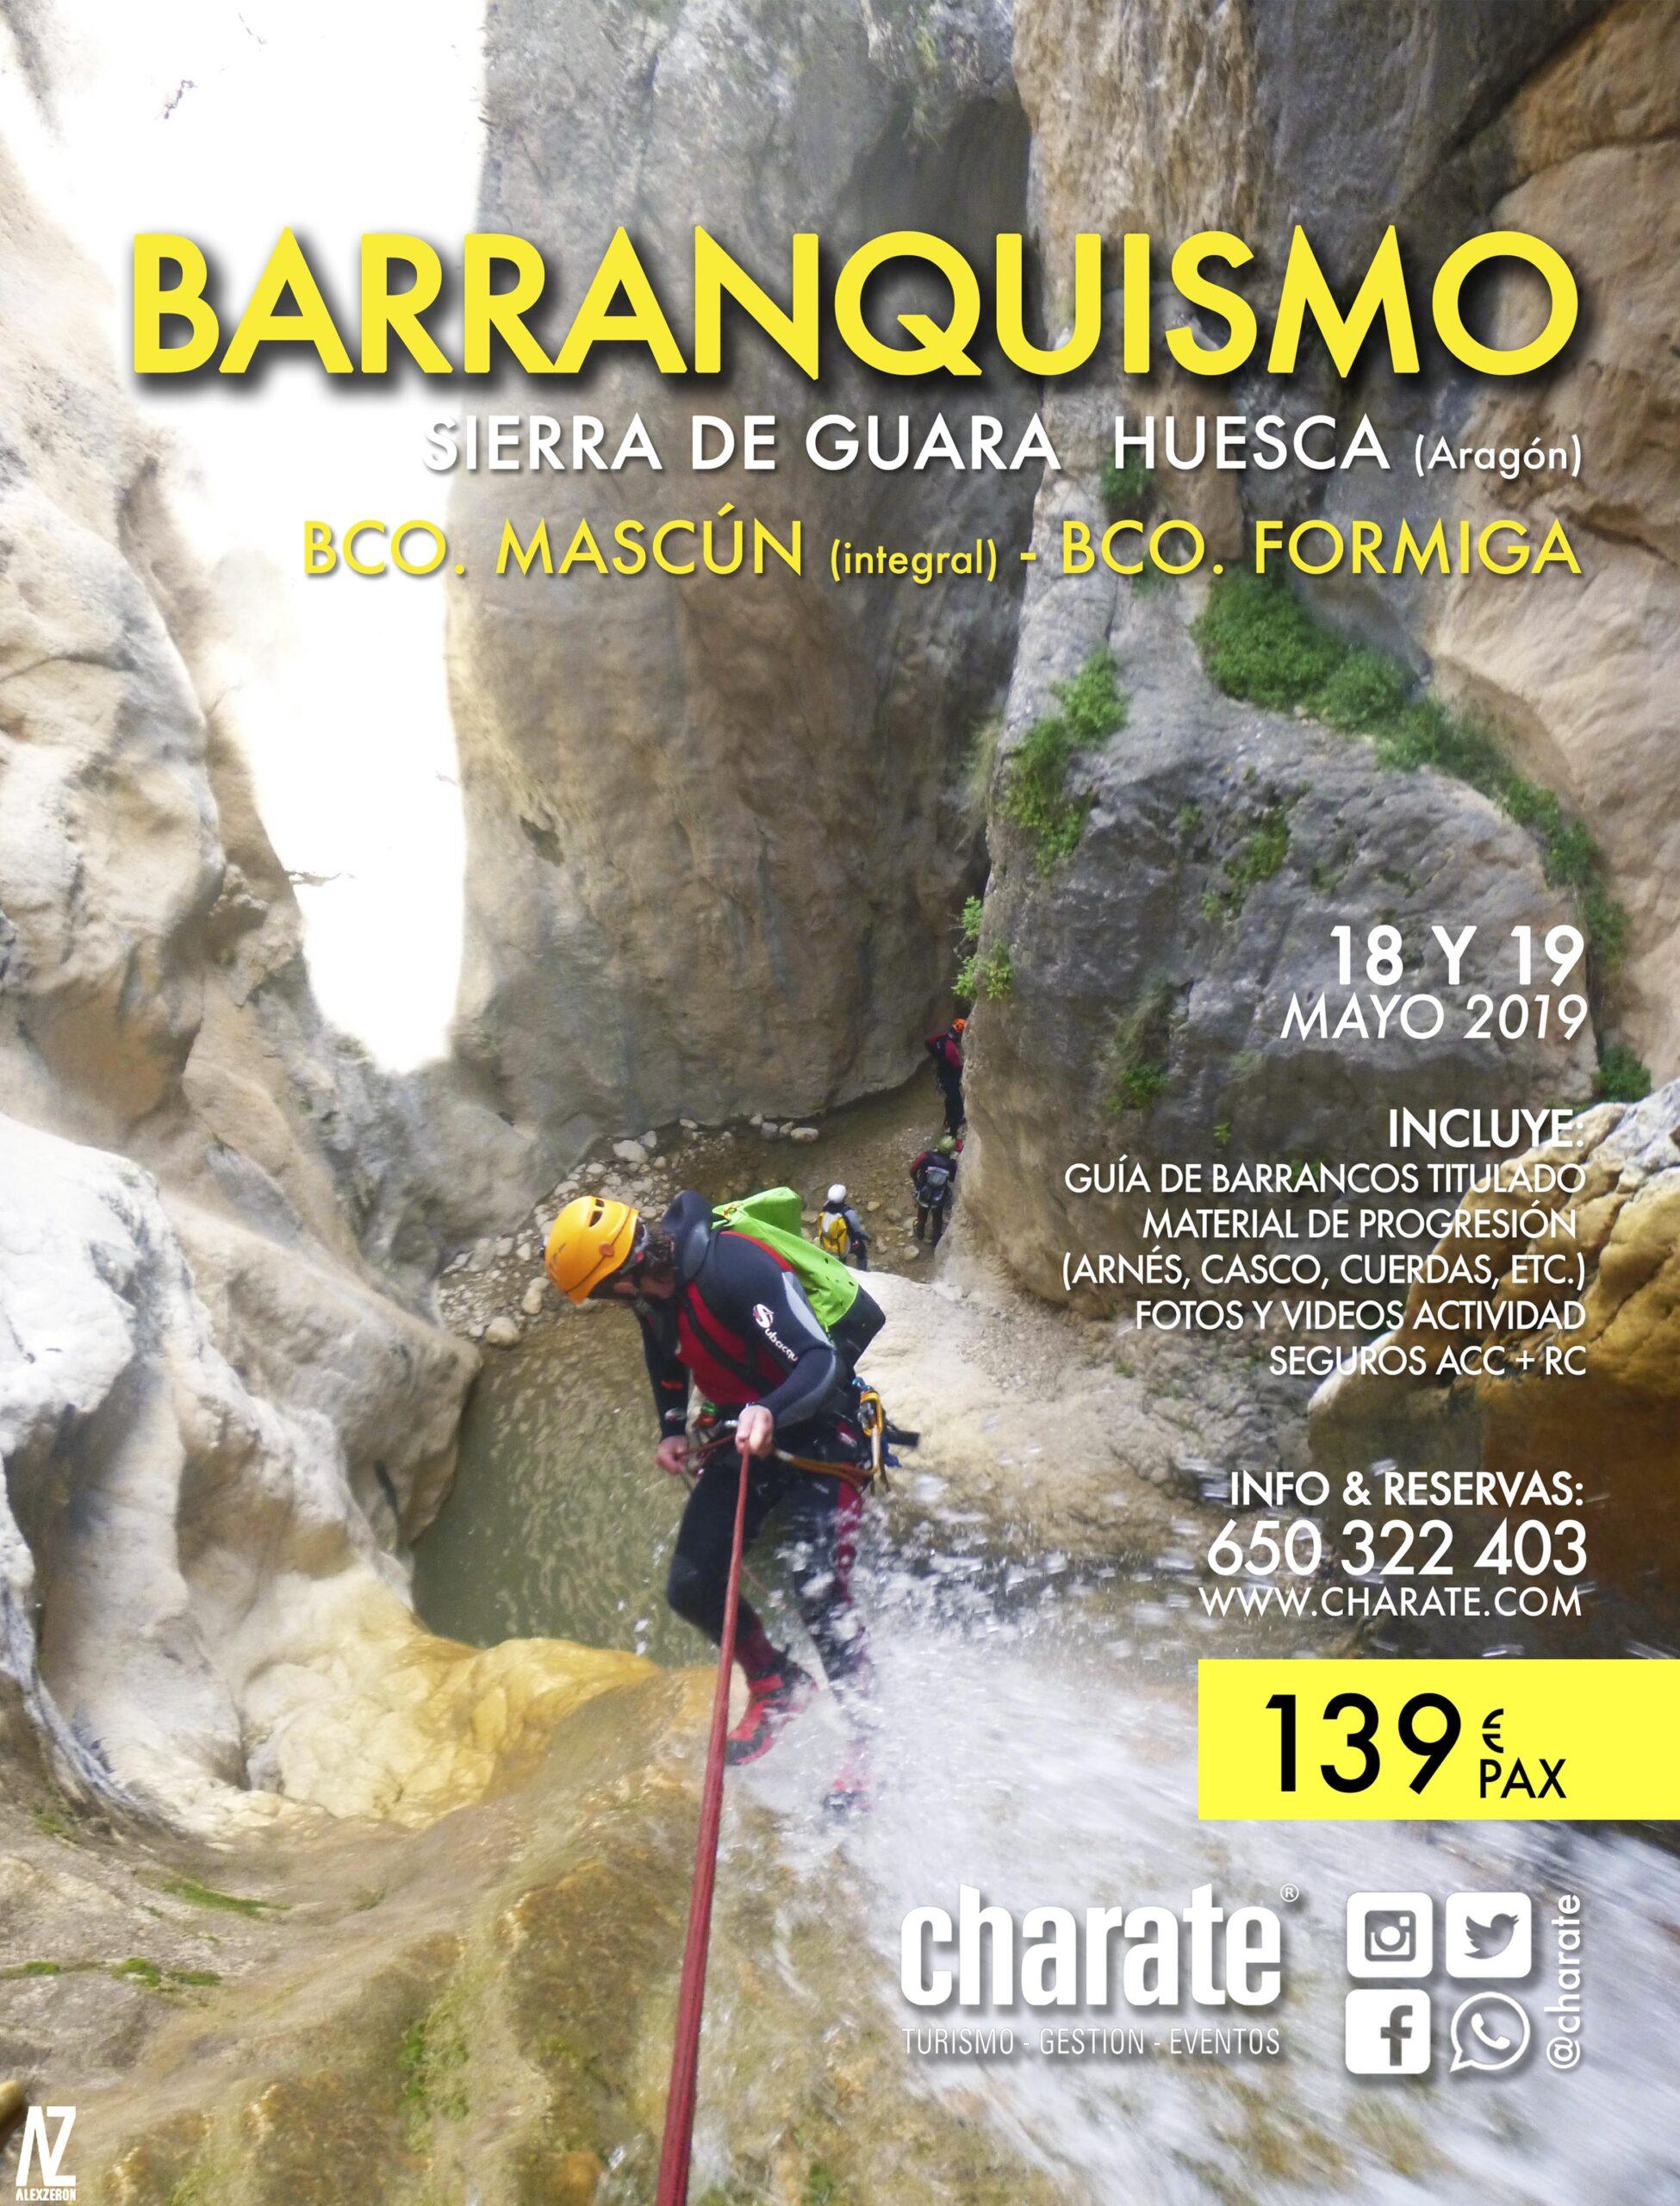 BARRANQUISMO MASCÚN Y FORMIGA @ Sierra de Guara